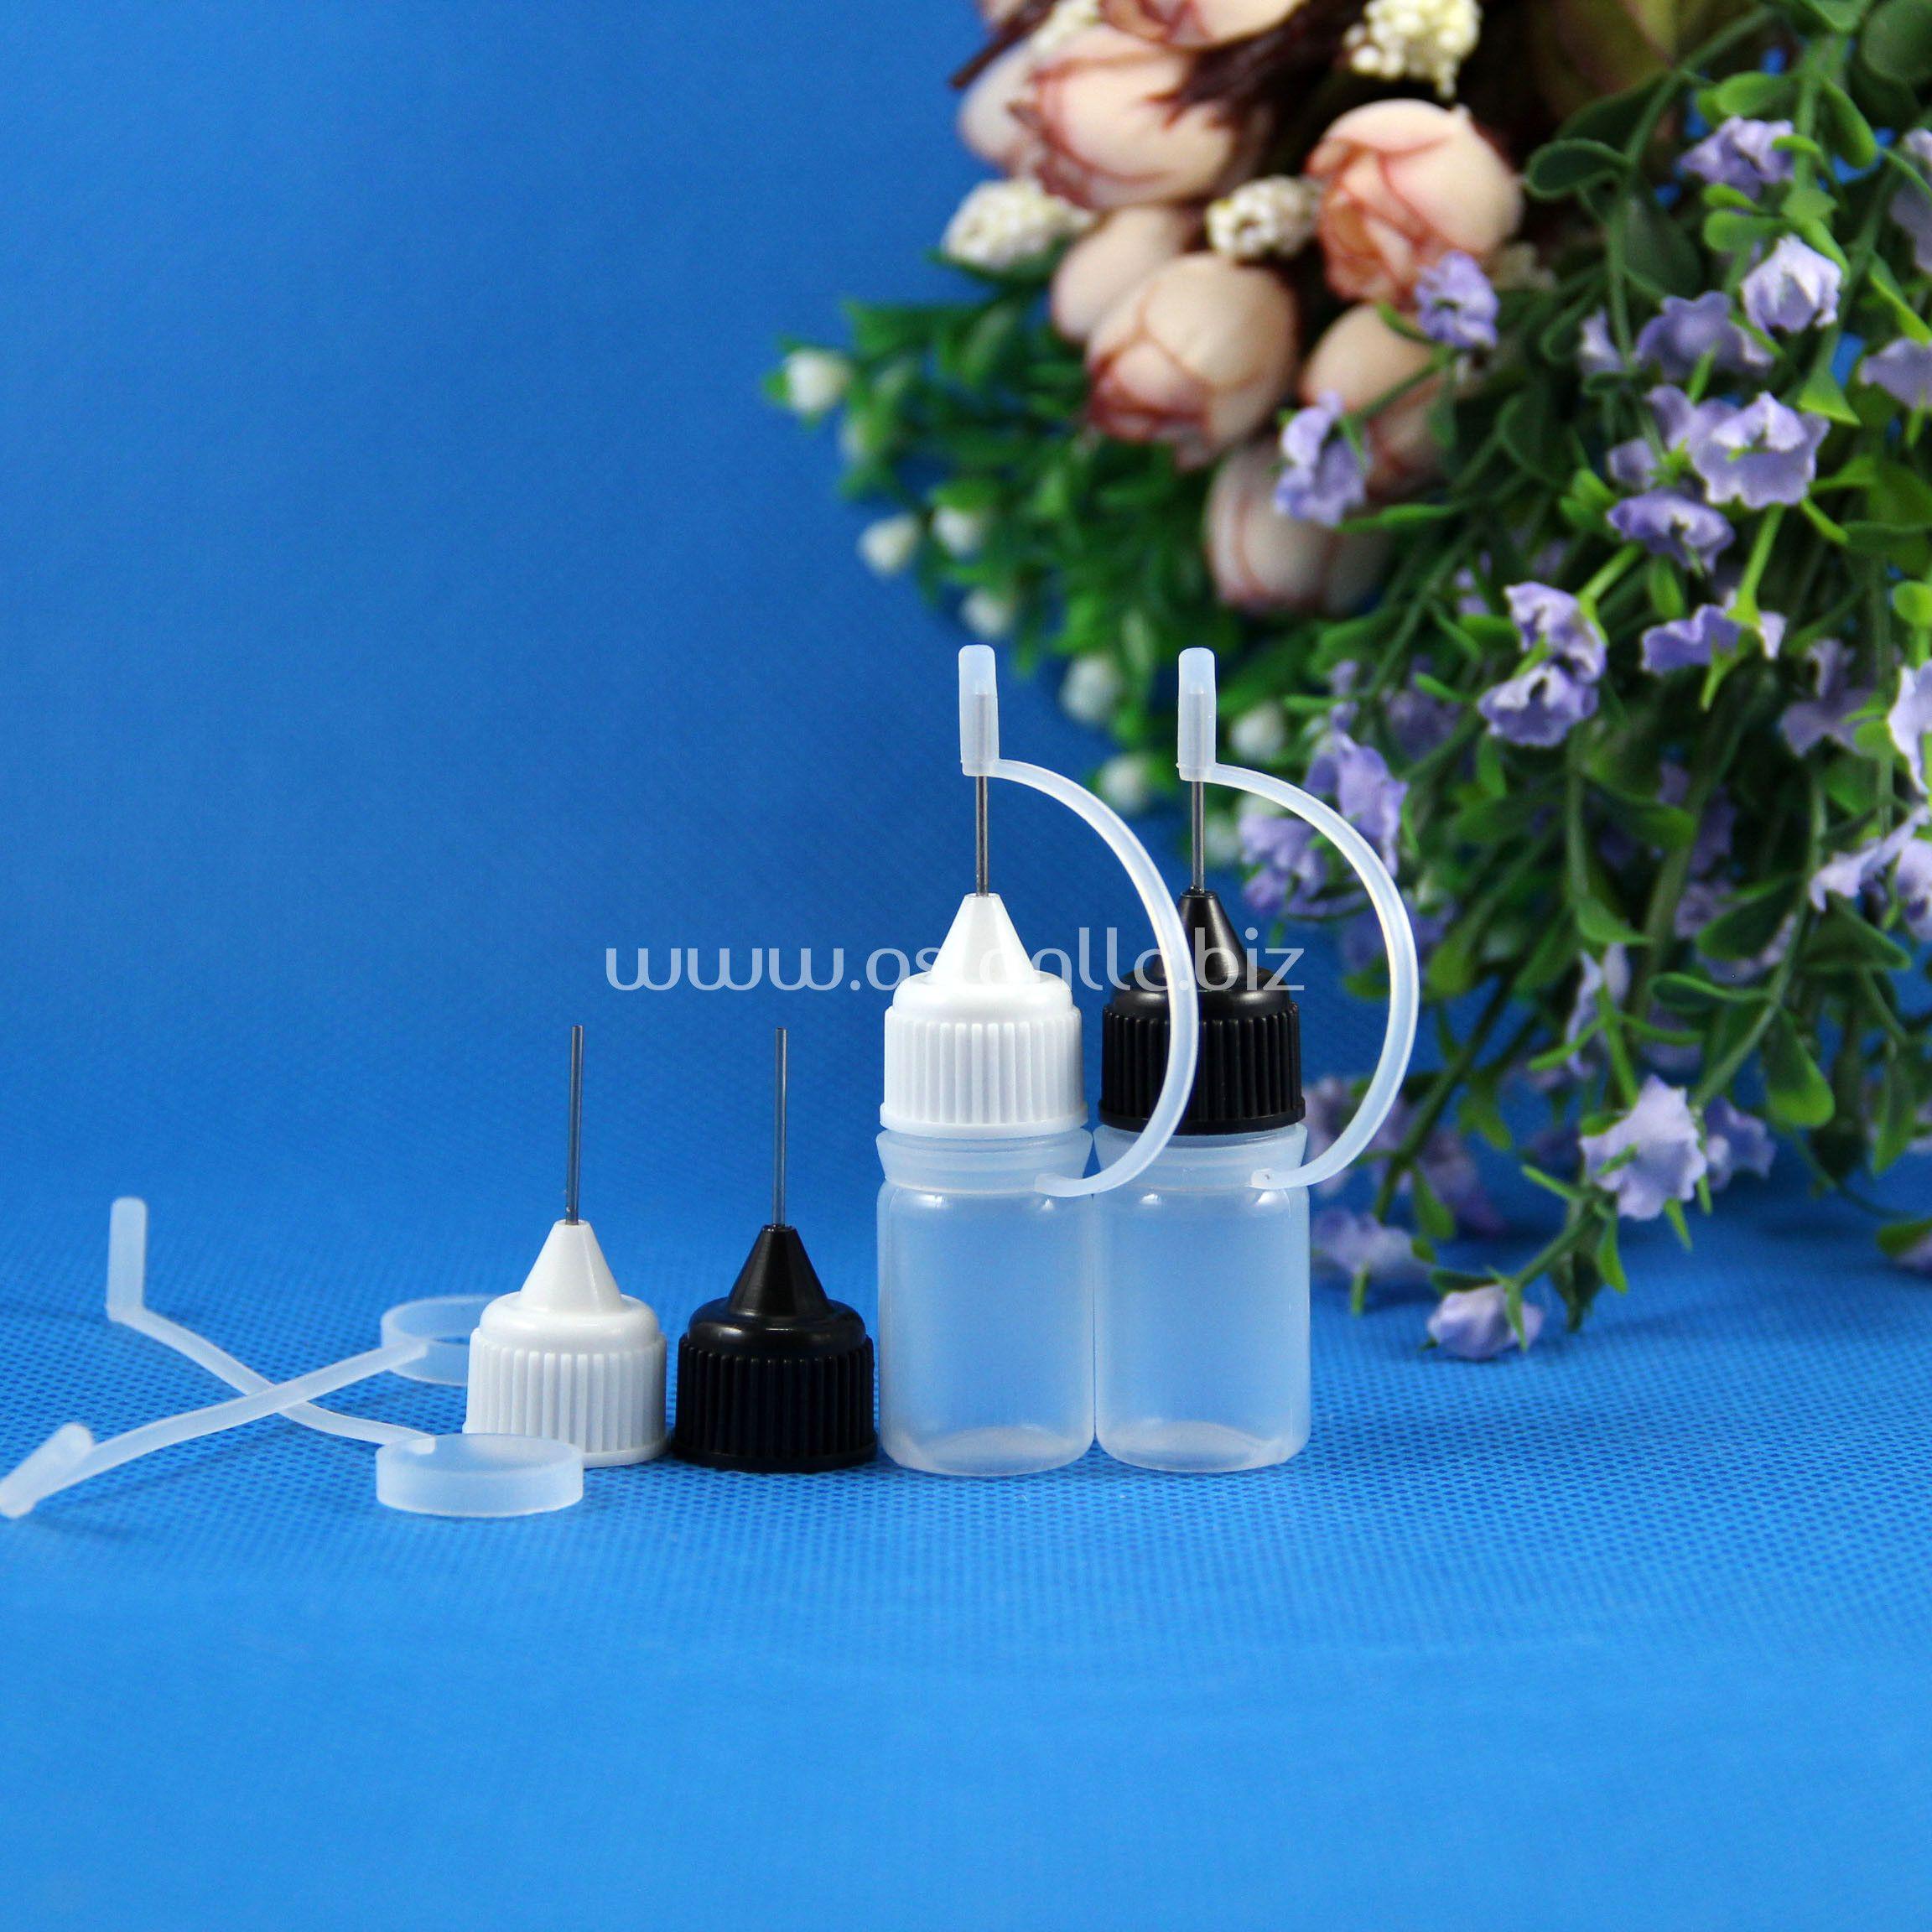 100 Conjuntos / lote 3 ml Plástico Garrafas Conta-gotas De Agulha de Vidro Derrubagem DLPE EYE DROPS E Vape Vape ÓLEO Seguro 3 ml